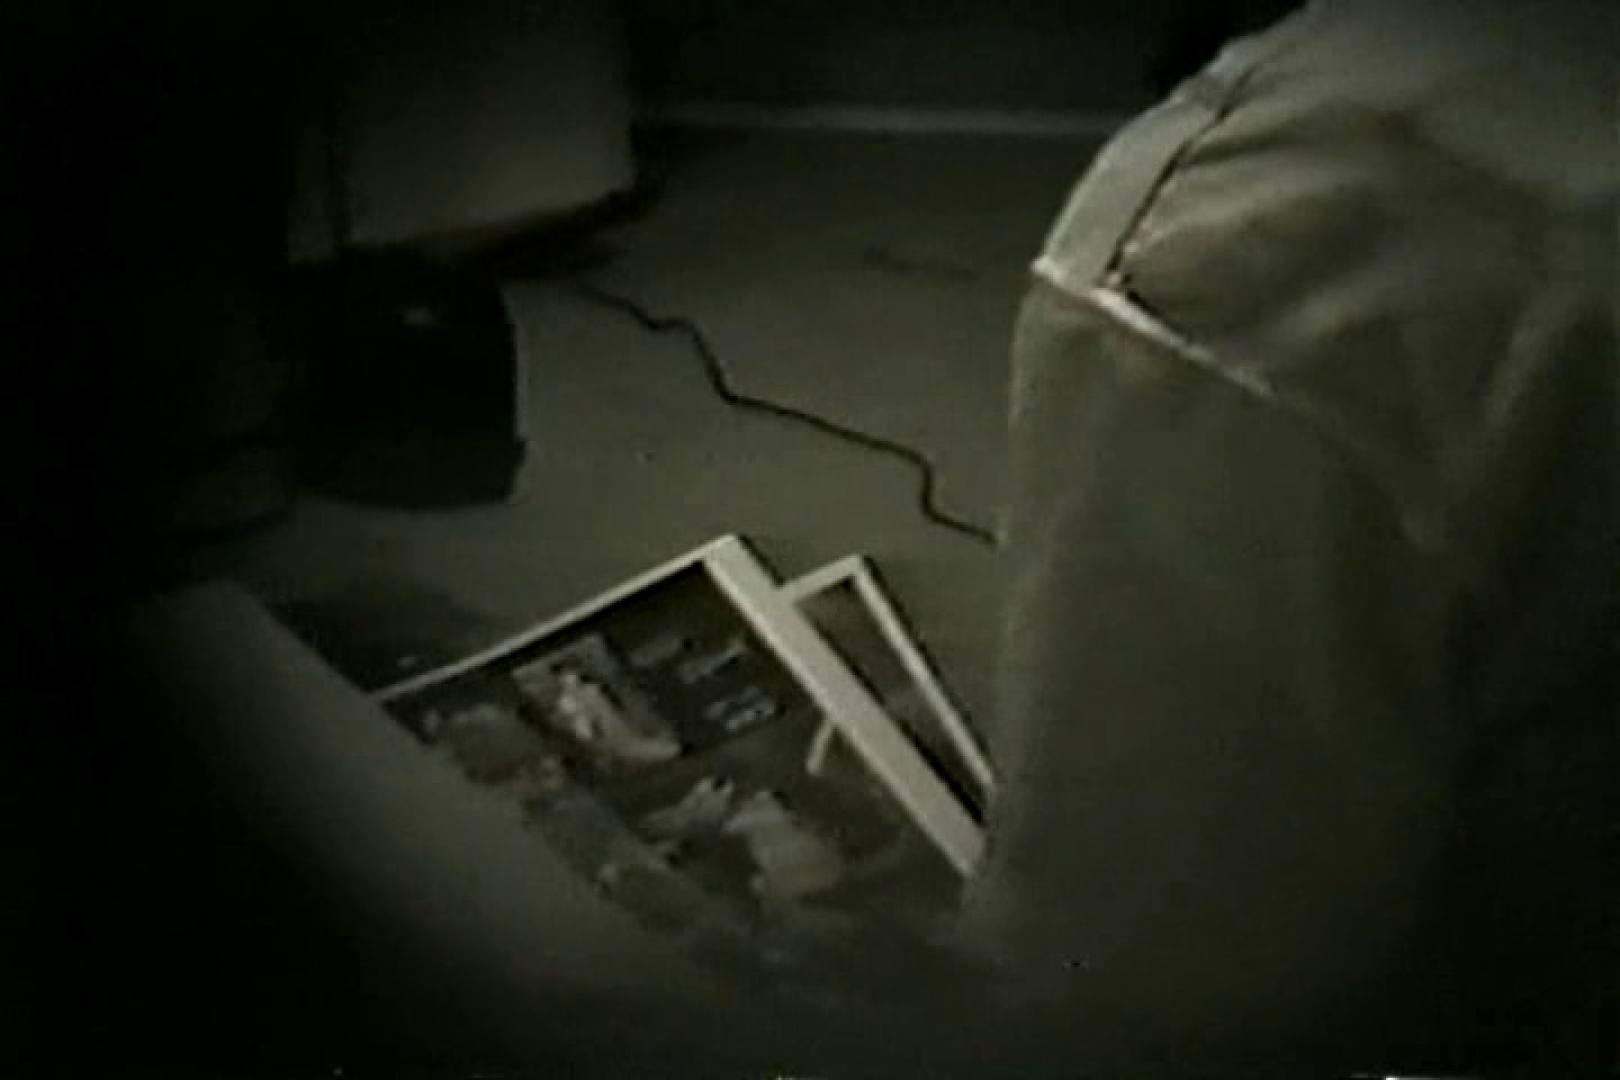 深夜の撮影会Vol.6 企画AV  109PIX 85